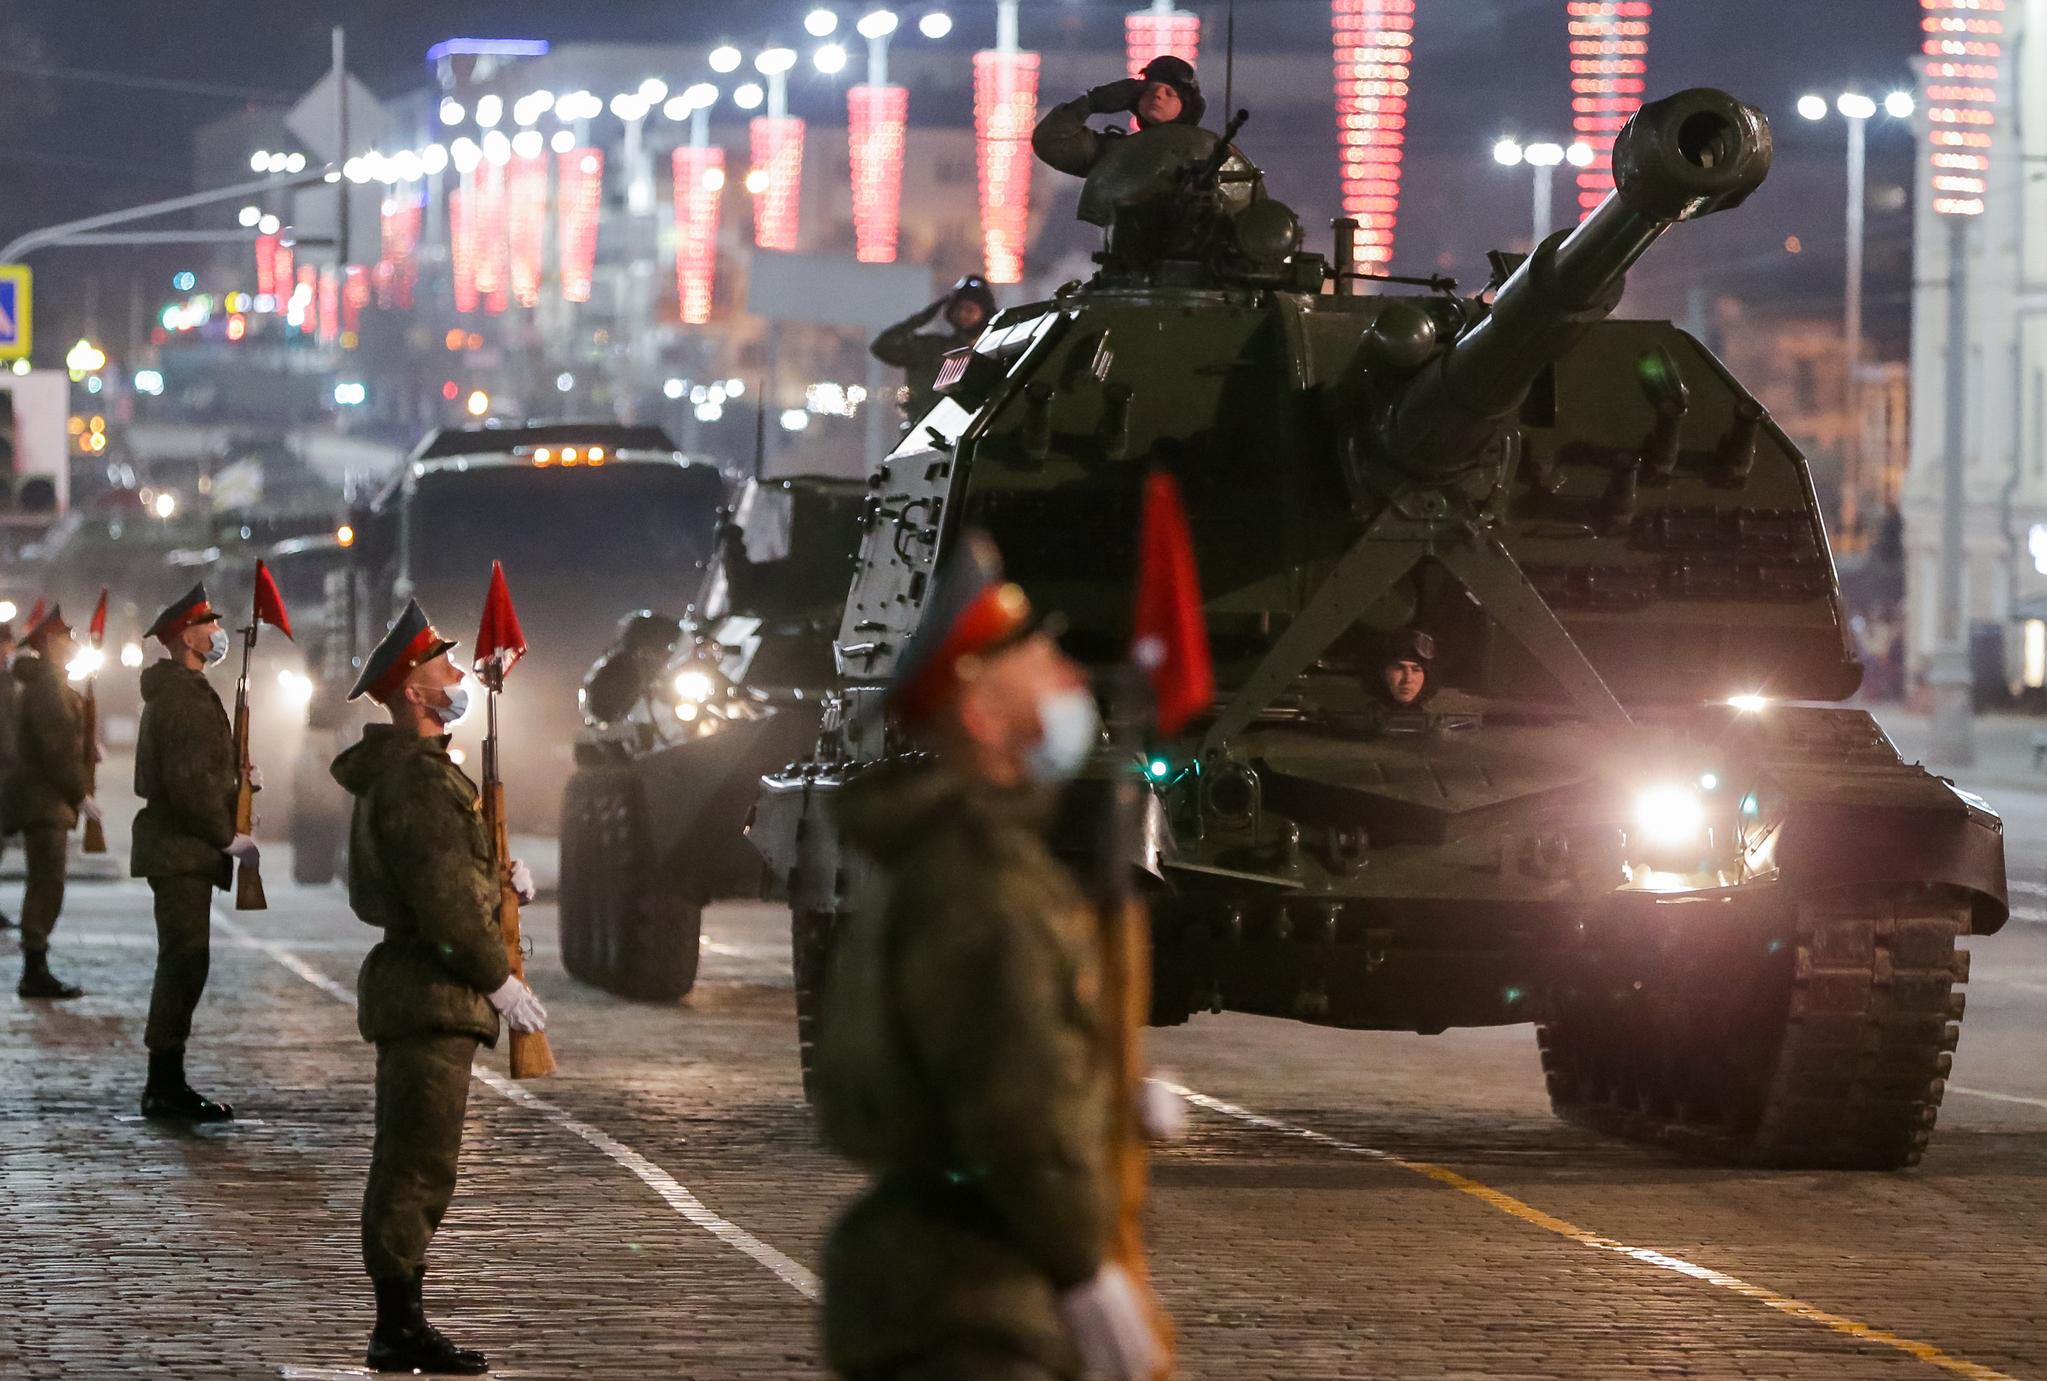 러시아 중부전구는 26일 밤 예카테린부르크에서 2차대전 승전 76주년 기념 퍼레이드의 첫 종합 리허설을 실시했다. TASS=연합뉴스